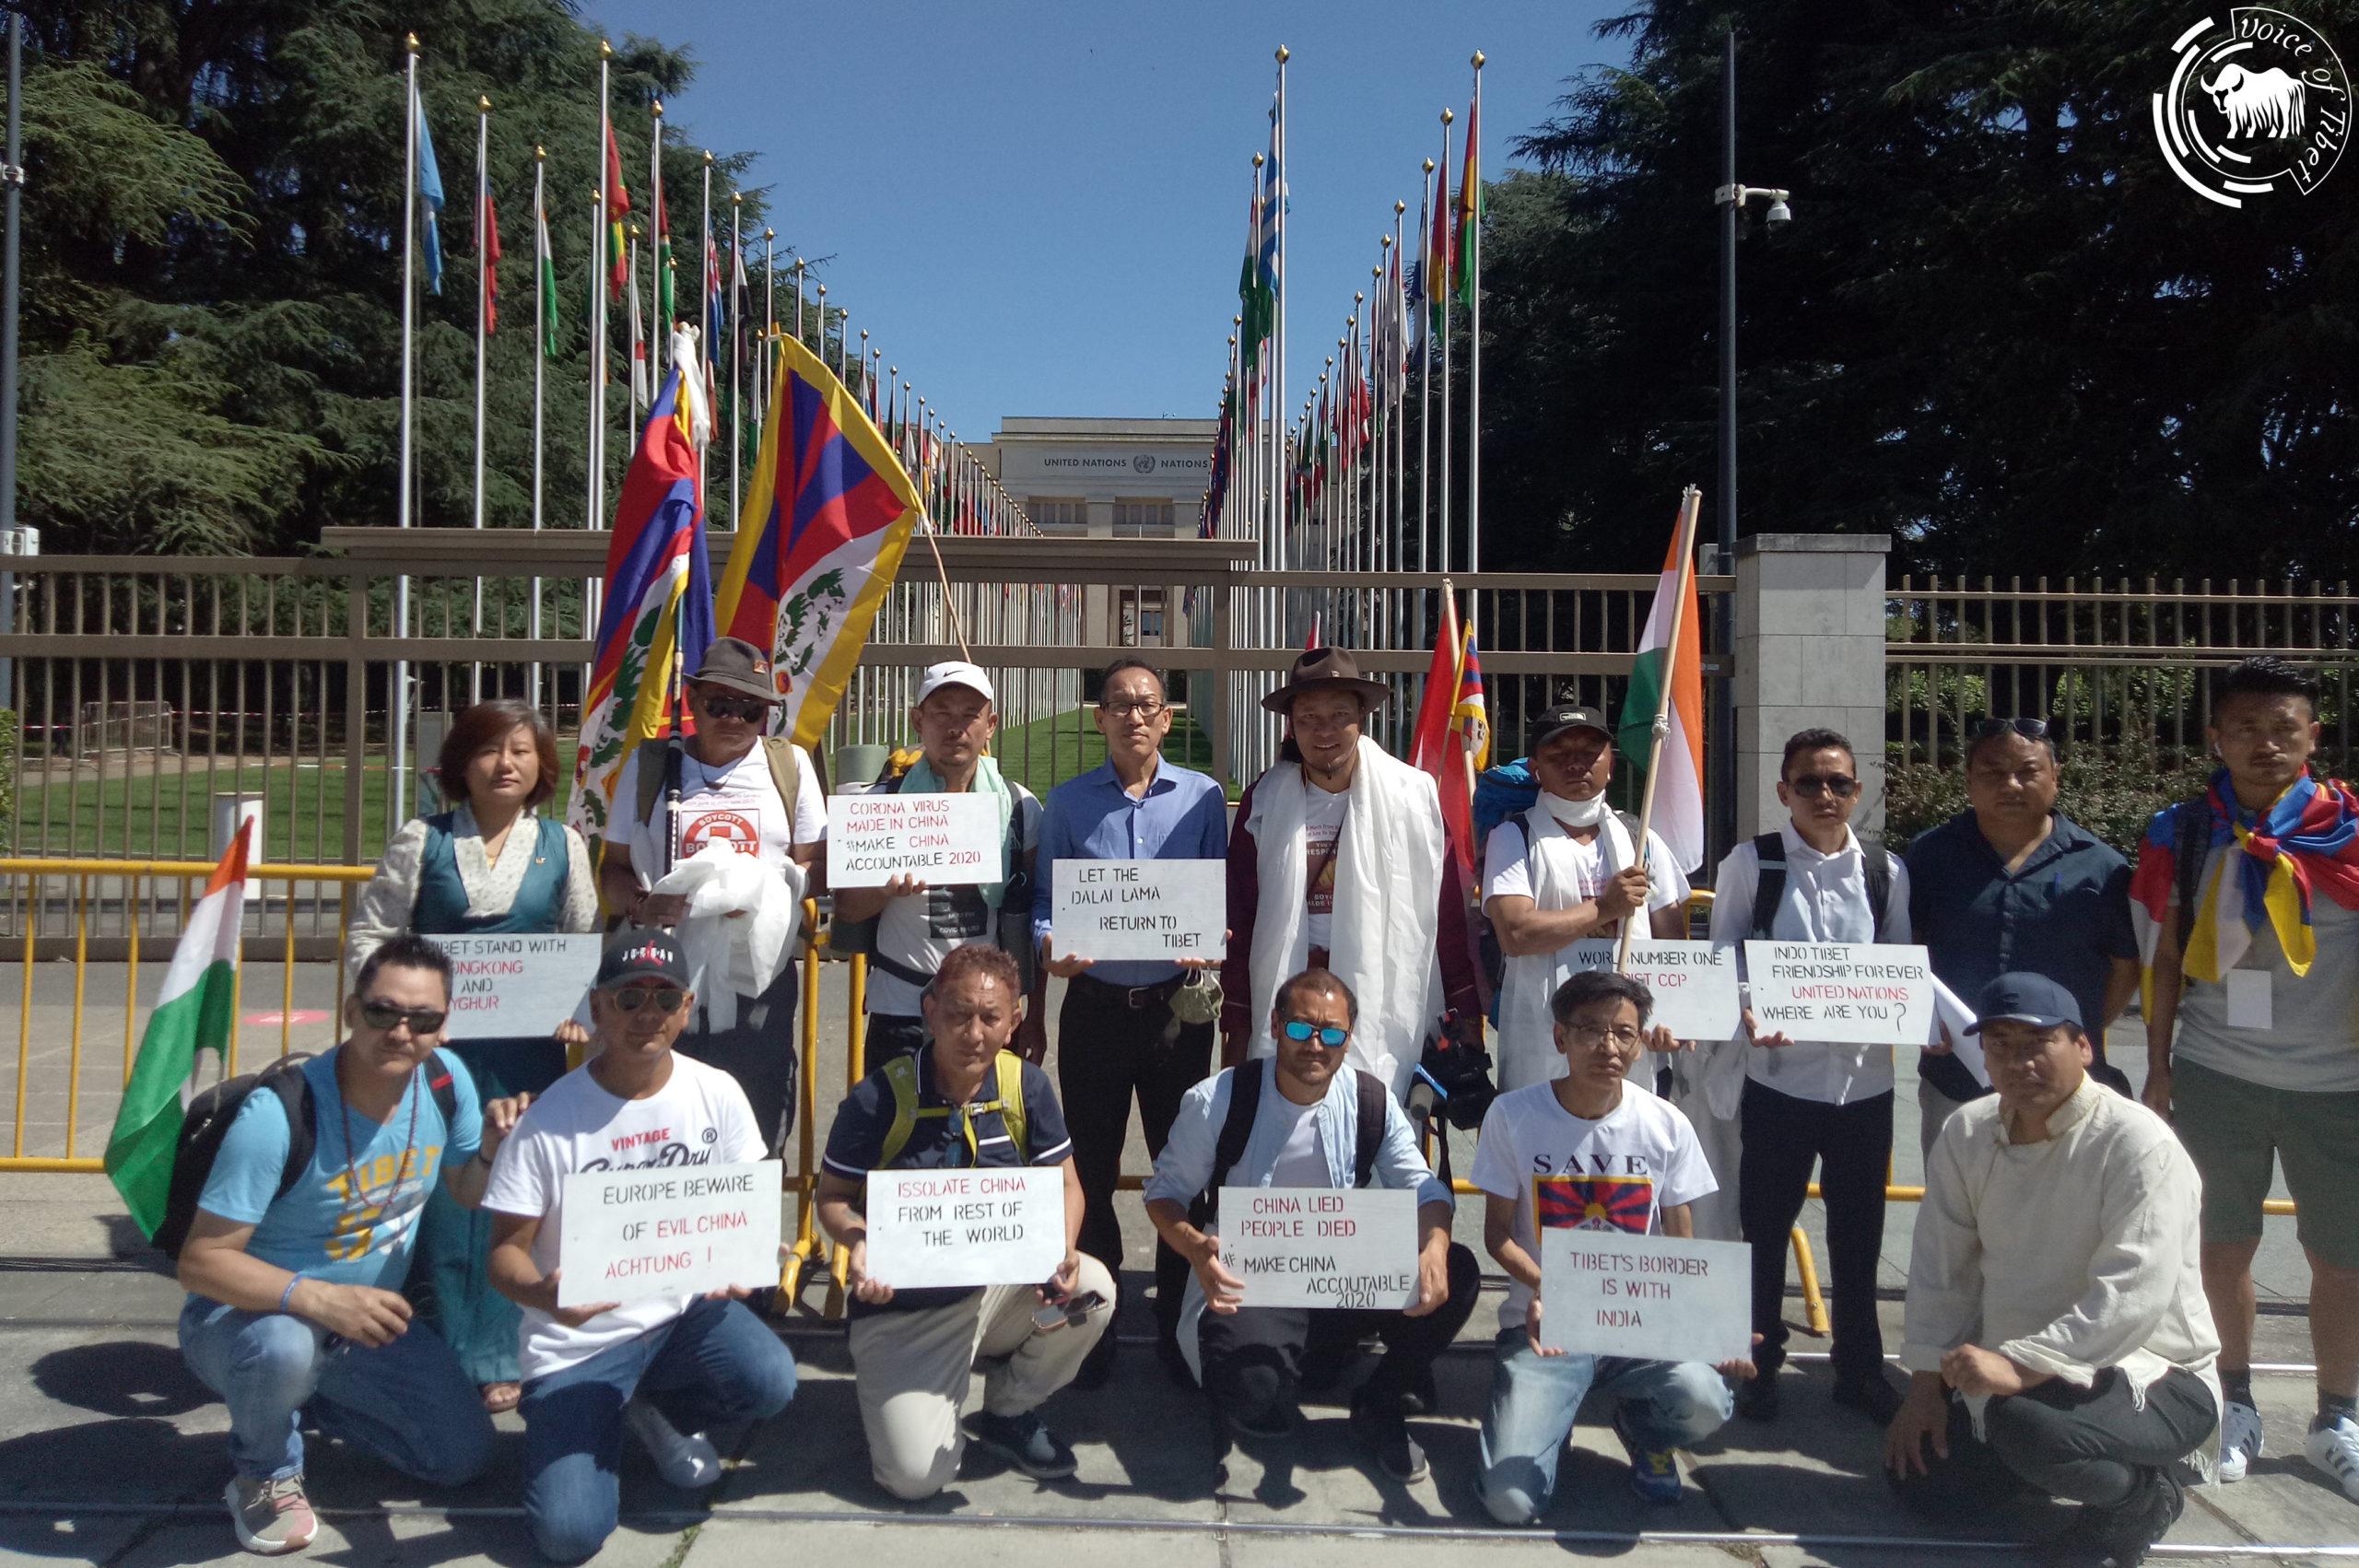 瑞士流亡藏人徒步游行圆满结束,并呼吁藏人为西藏事业尽责尽力